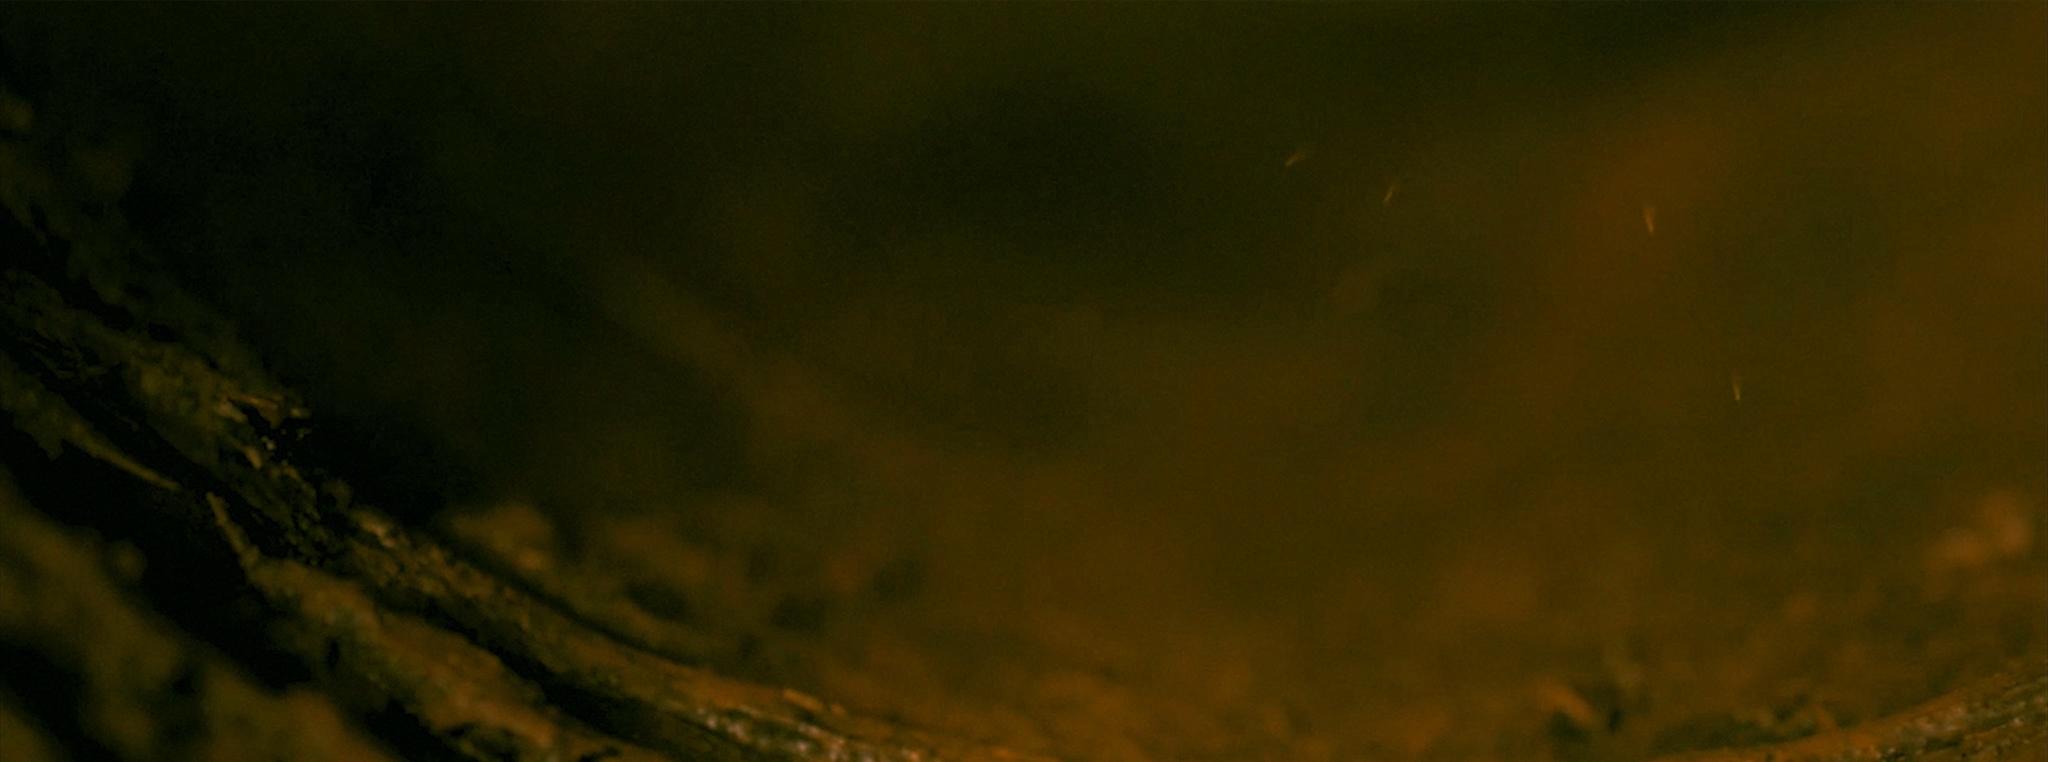 Frame 03.jpg